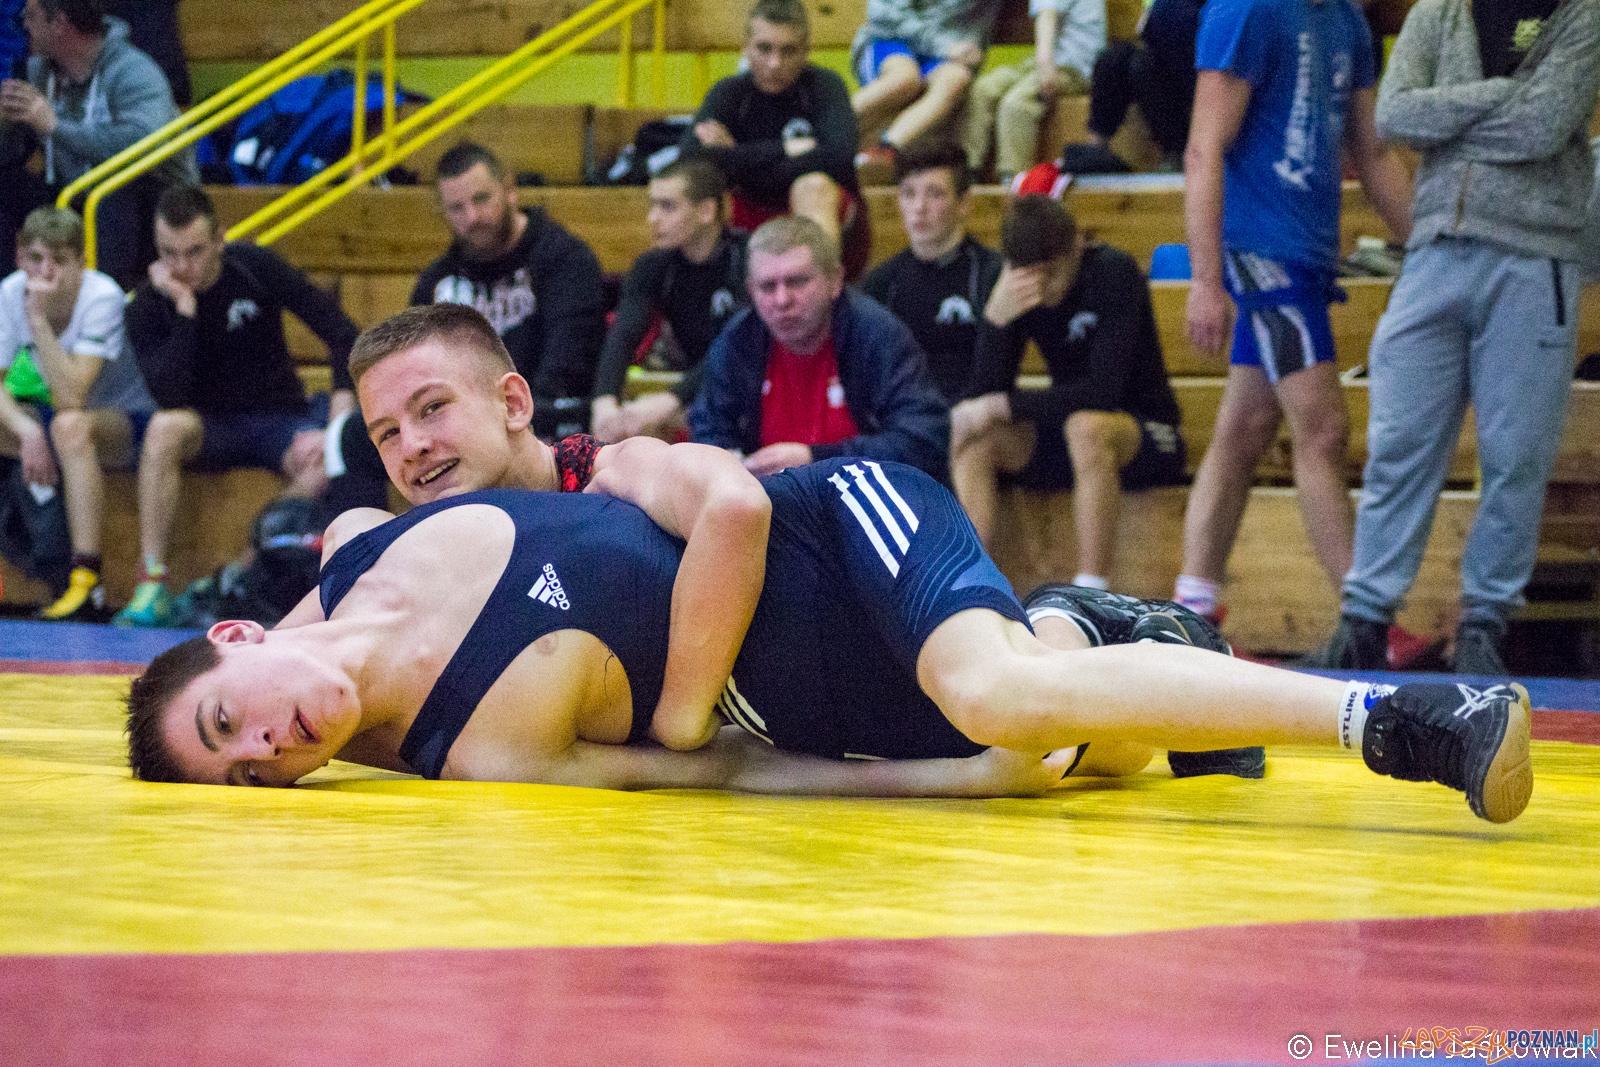 XXV Międzynarodowy Turniej o Puchar Sobieskiego  Foto: lepszyPOZNAN.pl / Ewelina Jaśkowiak